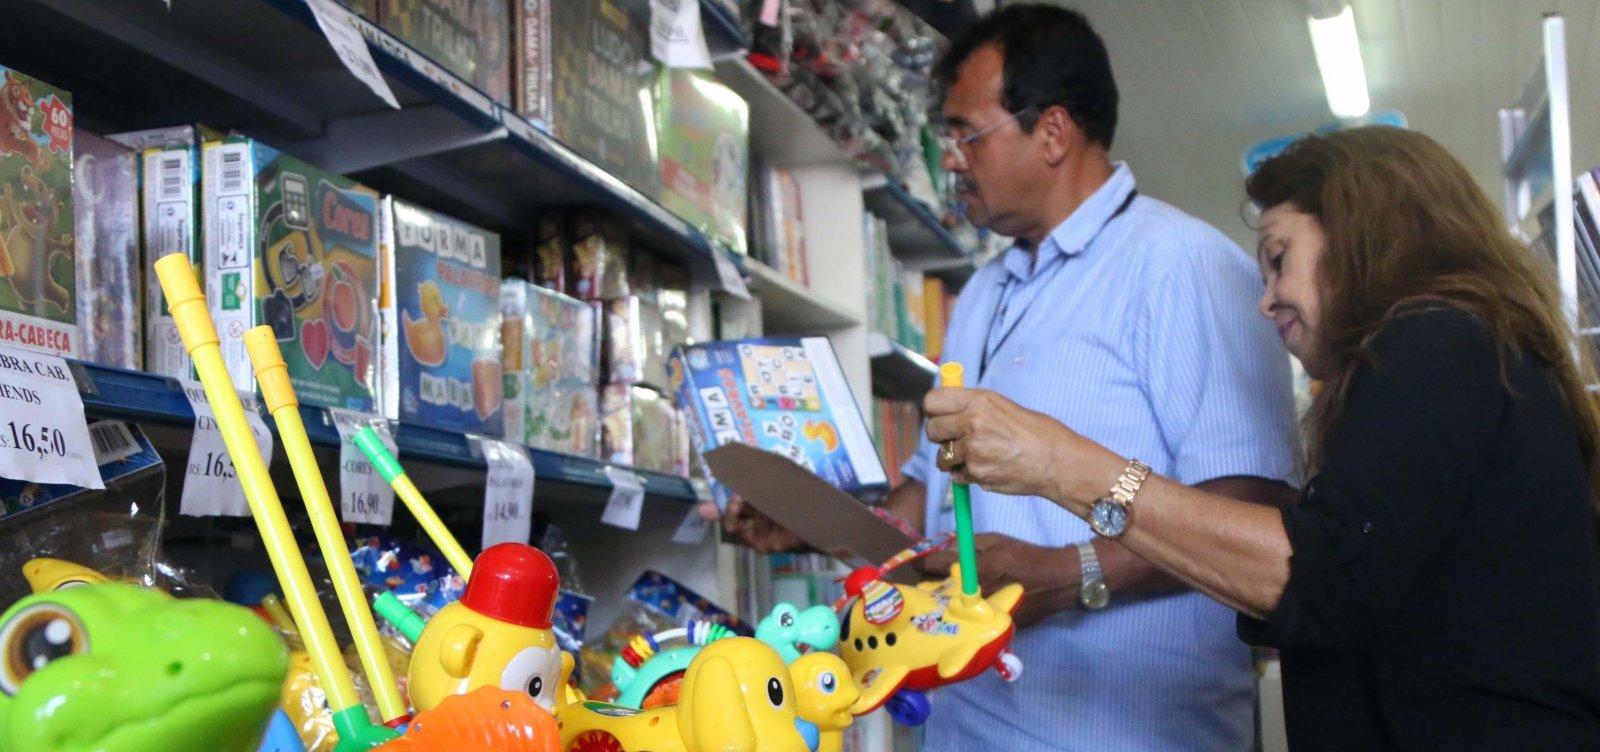 Semop apreende 151 produtos em primeiro dia de Operação Brinquedo Seguro